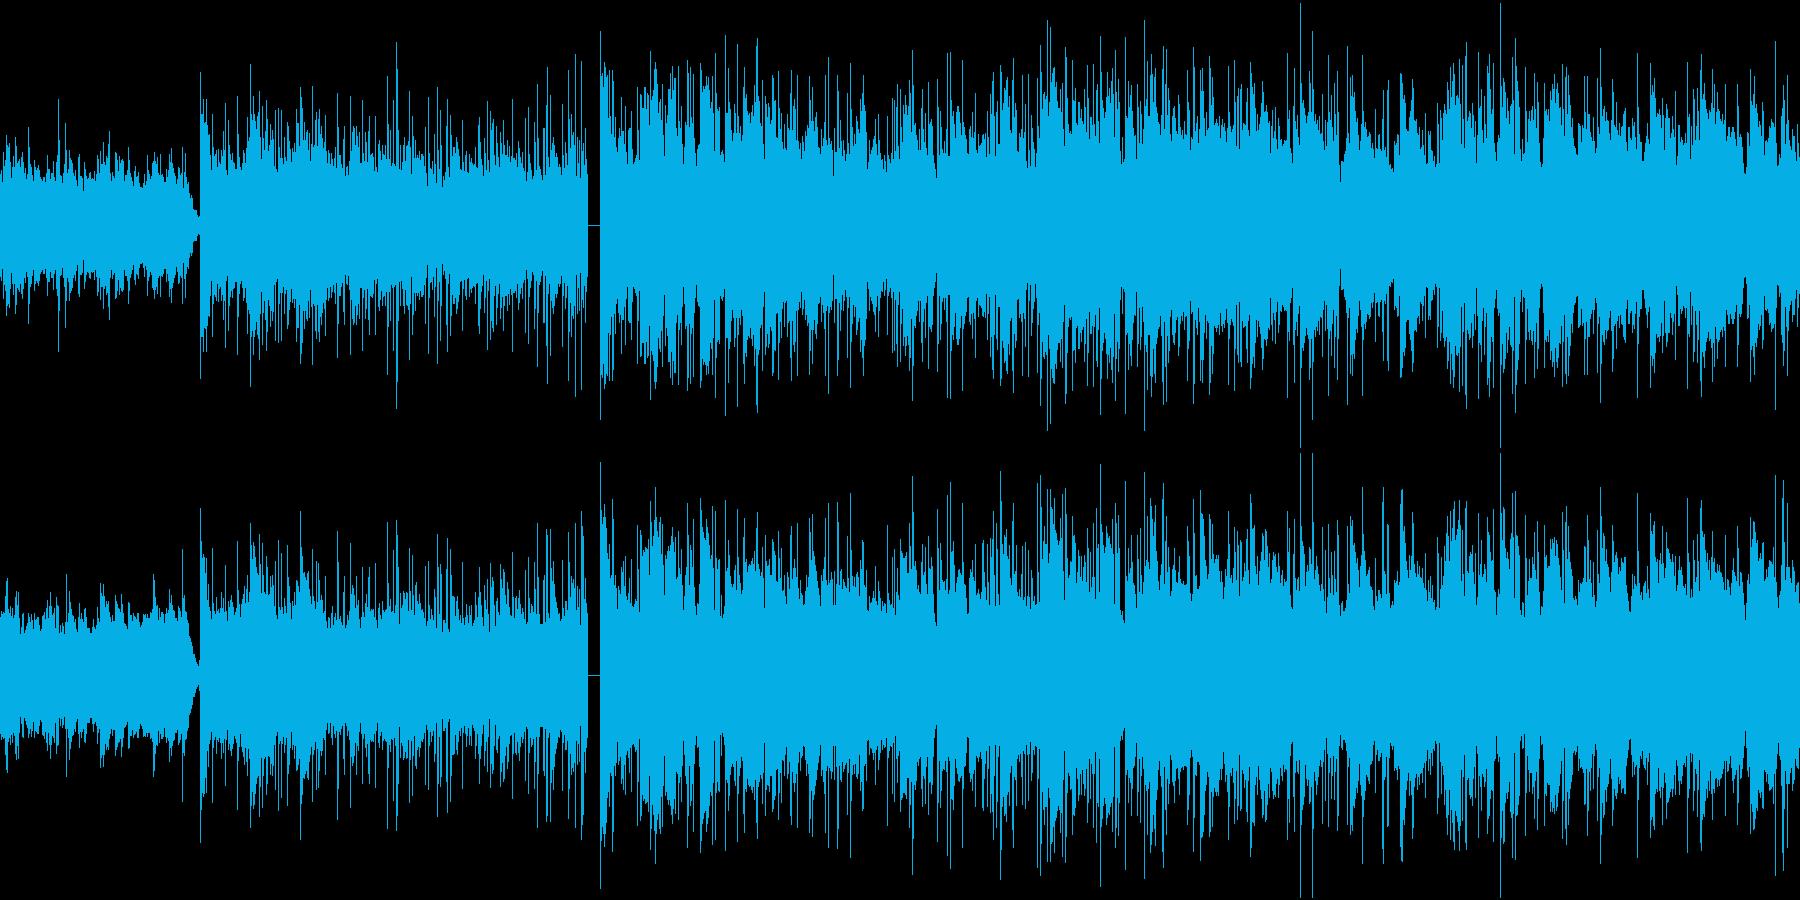 希望や始まりを感じる楽曲/CM,映像向けの再生済みの波形